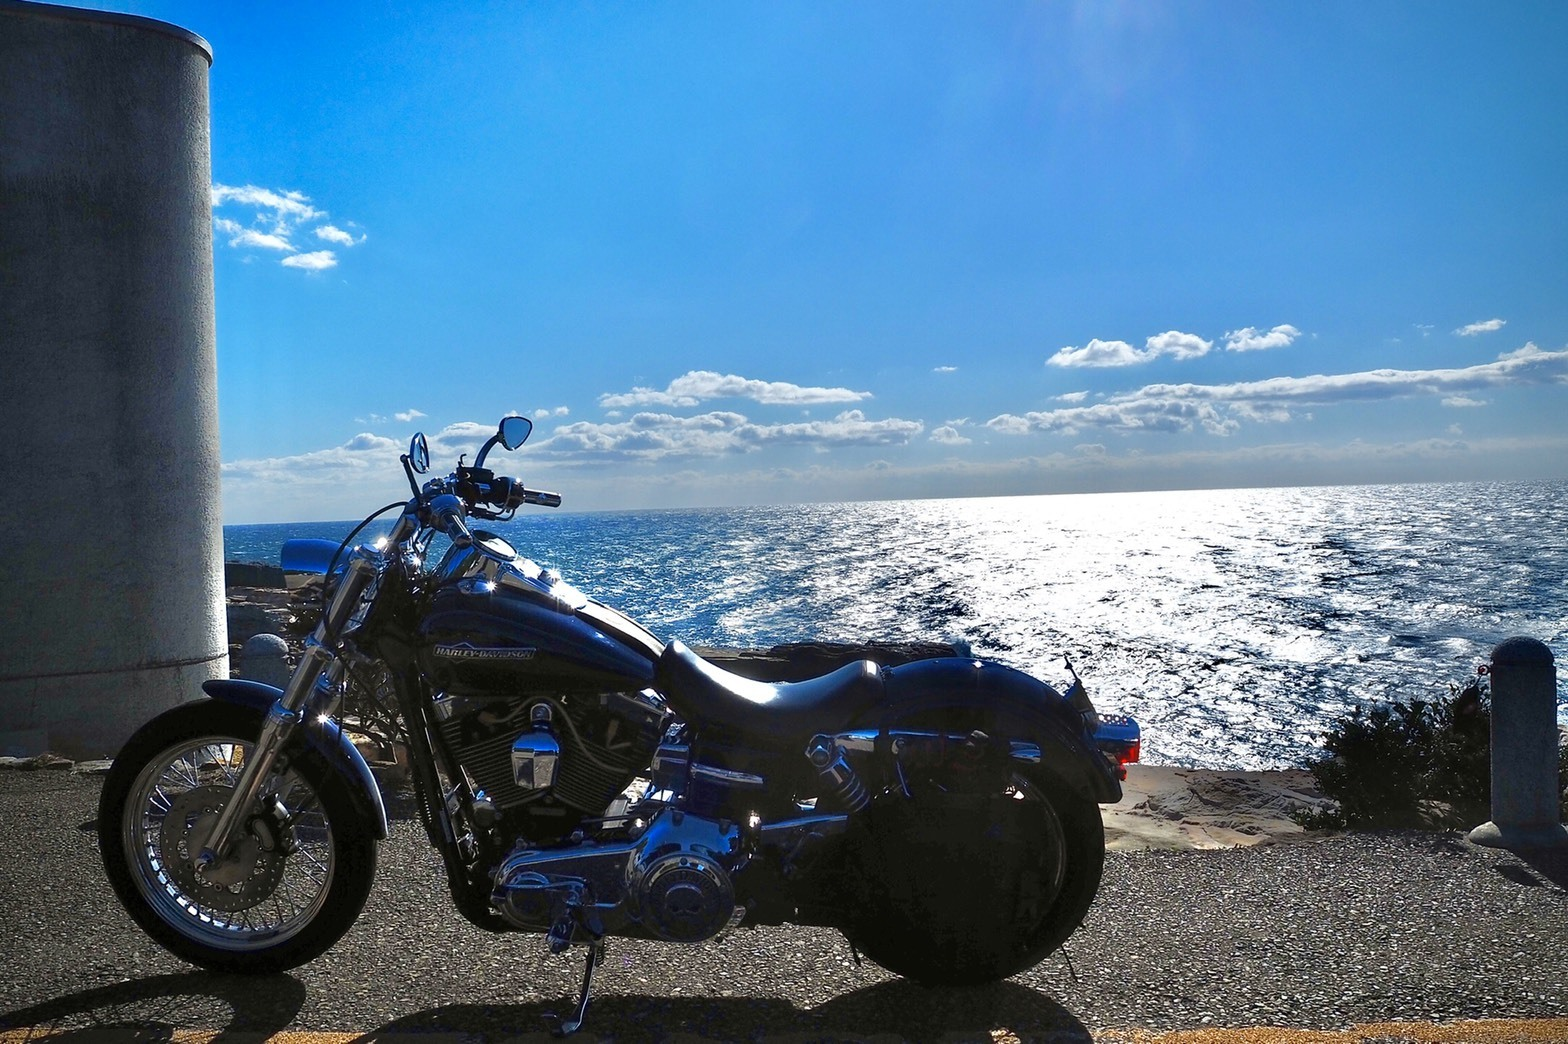 ぴーきち&ダイナ 和歌山南紀白浜ツーリング 千畳敷の美しい景色とハーレー